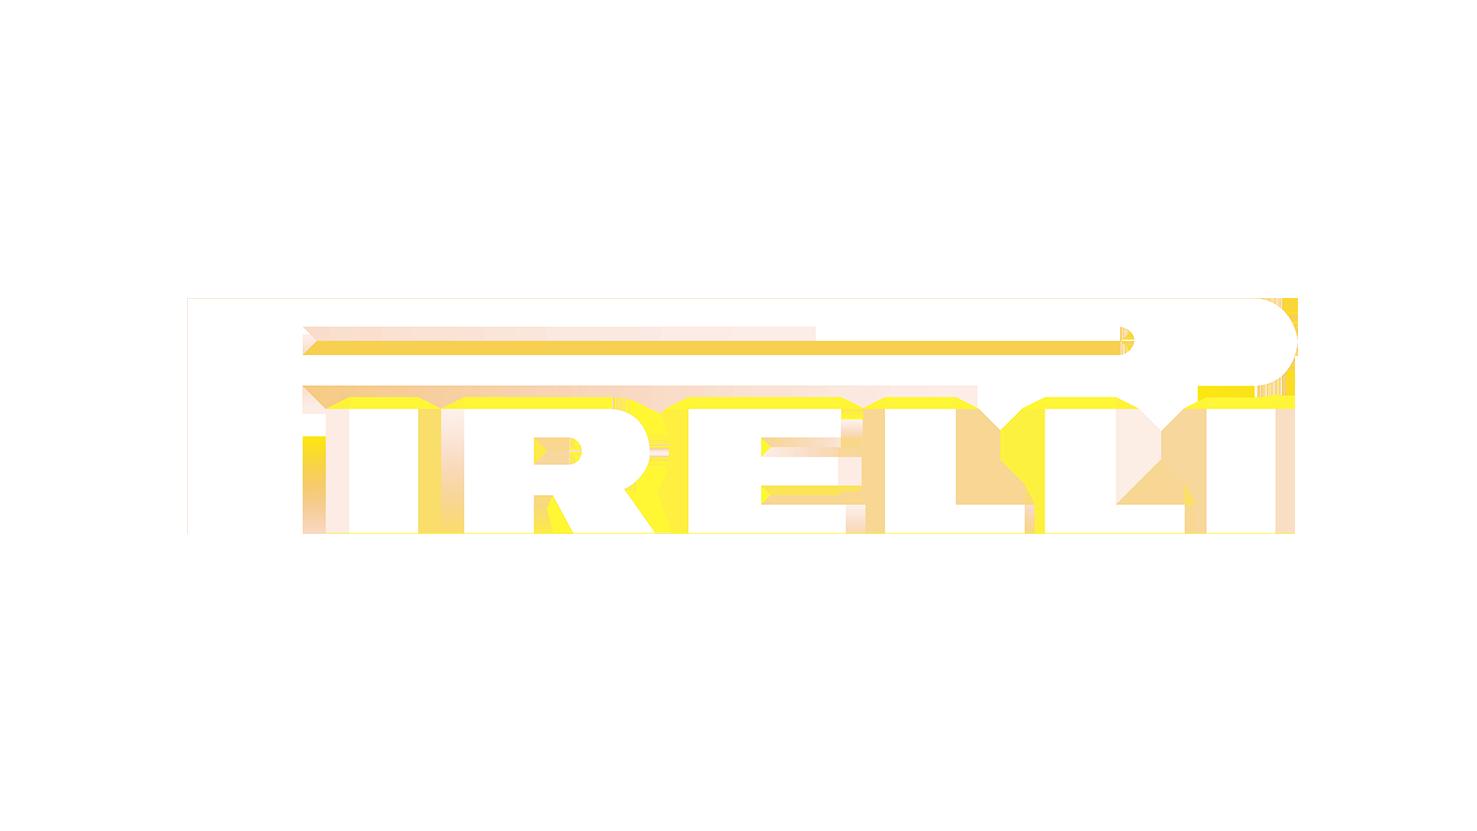 Pirelli-logo-3840x2160 bewerkt